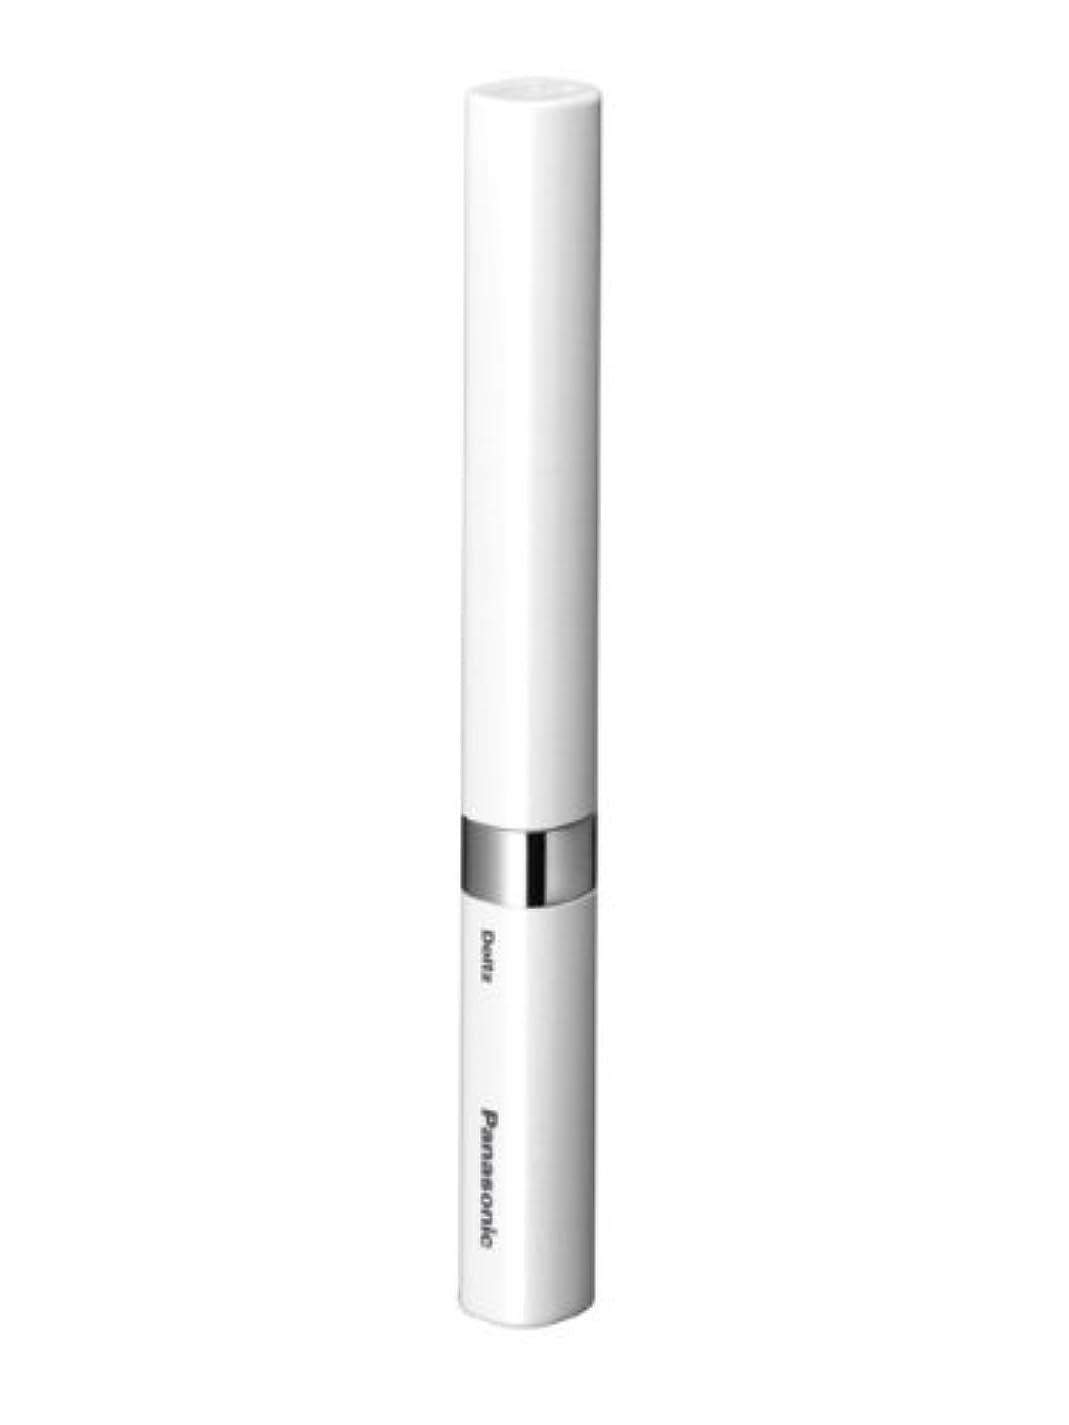 迷彩不定ゆでるパナソニック 音波振動ハブラシ ポケットドルツ 白 EW-DS14-W